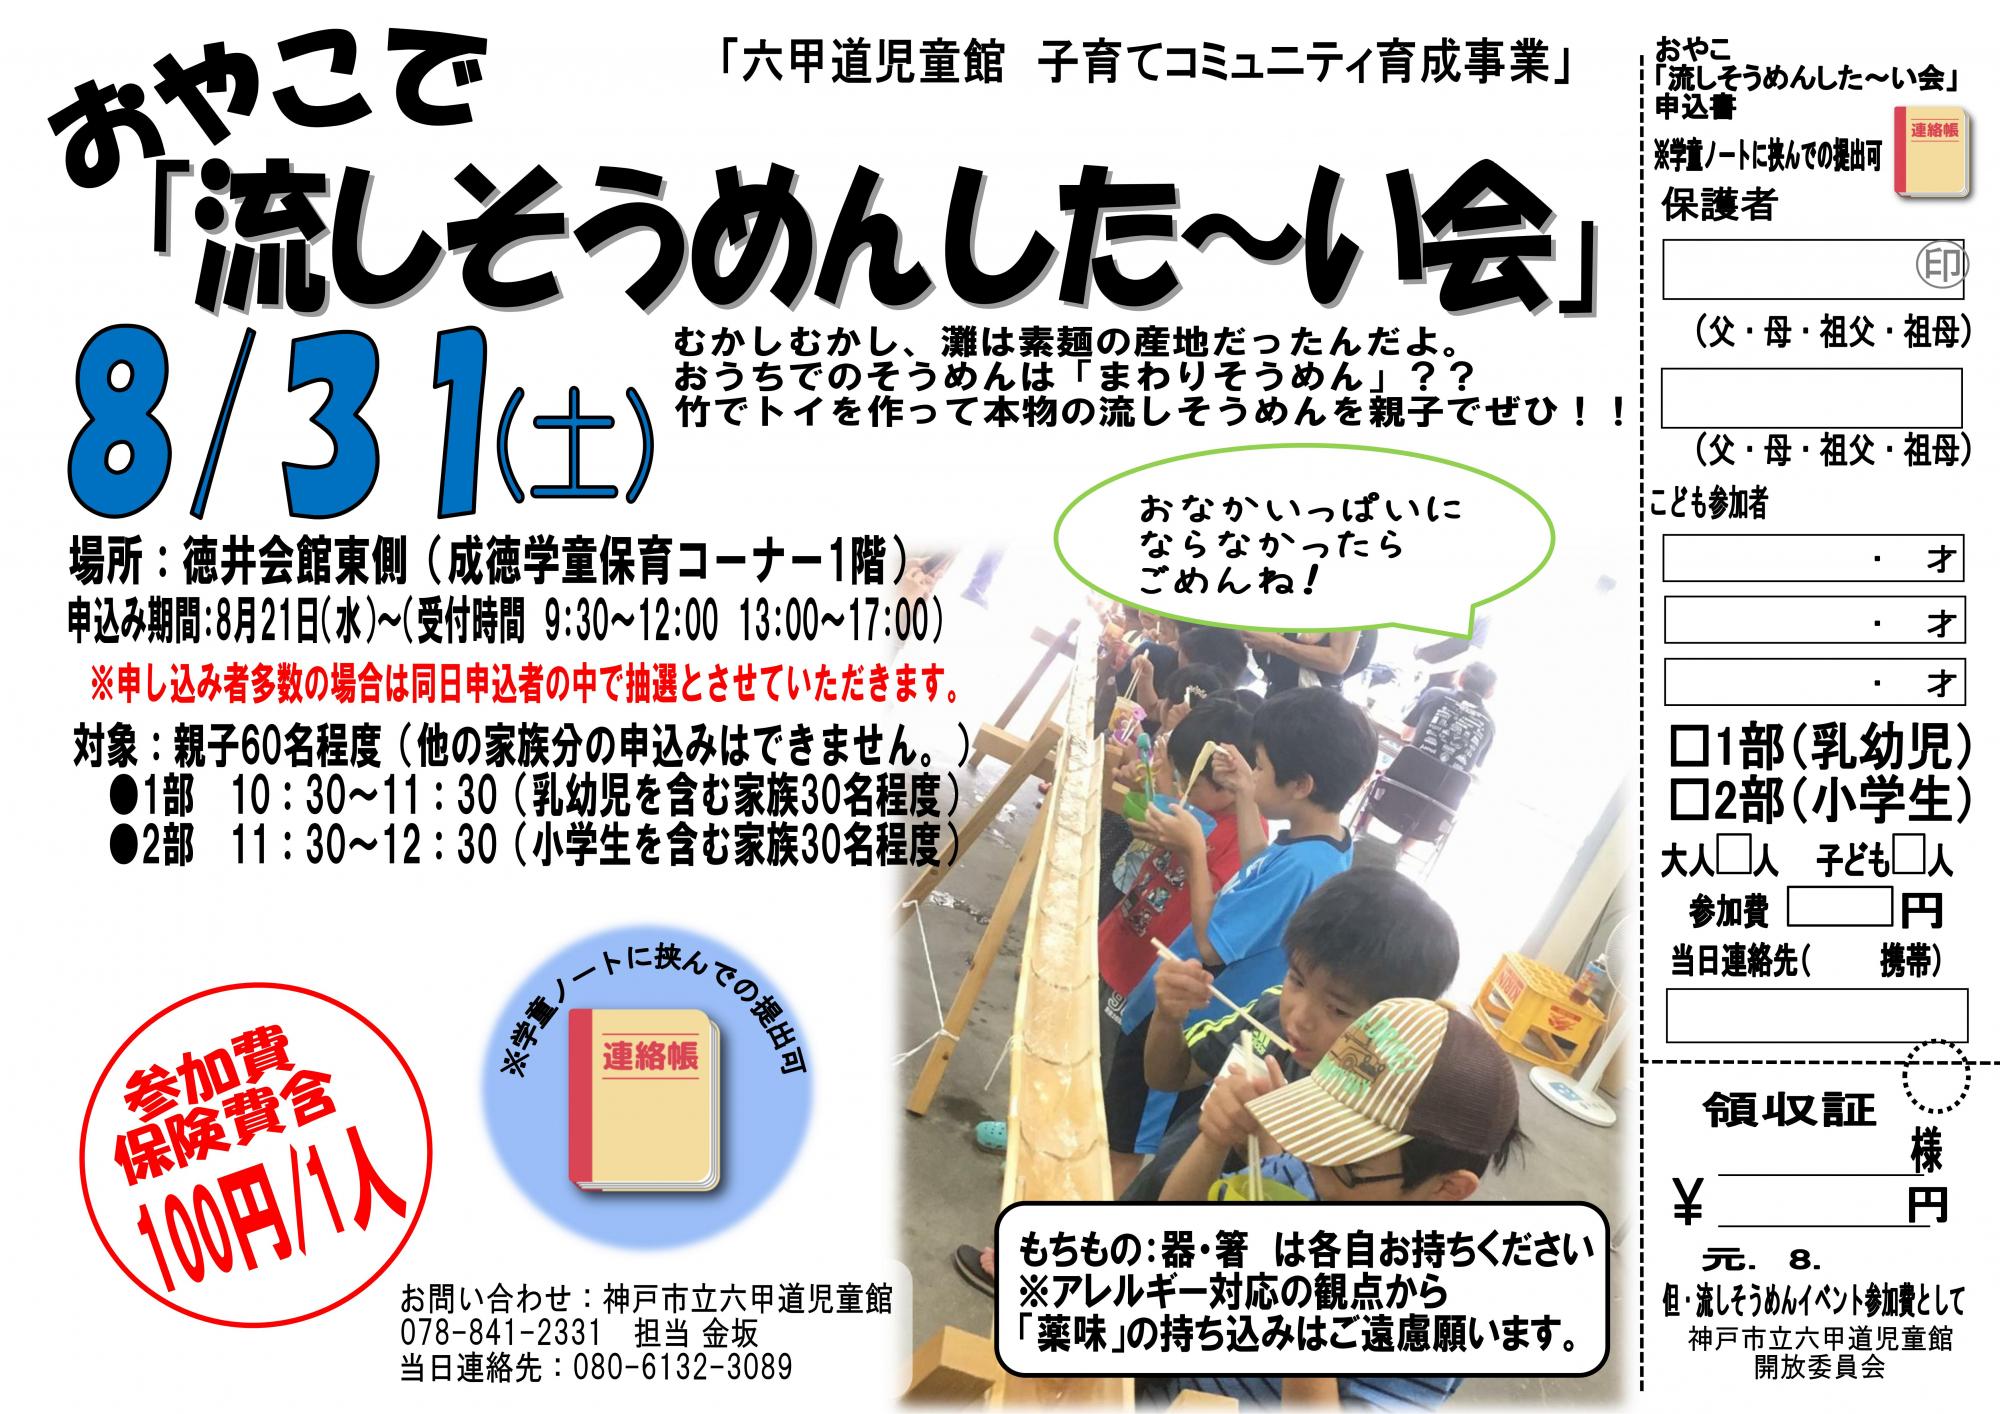 8/31 神戸六甲道児童館 「おやこでながしそーめんしたーい会」